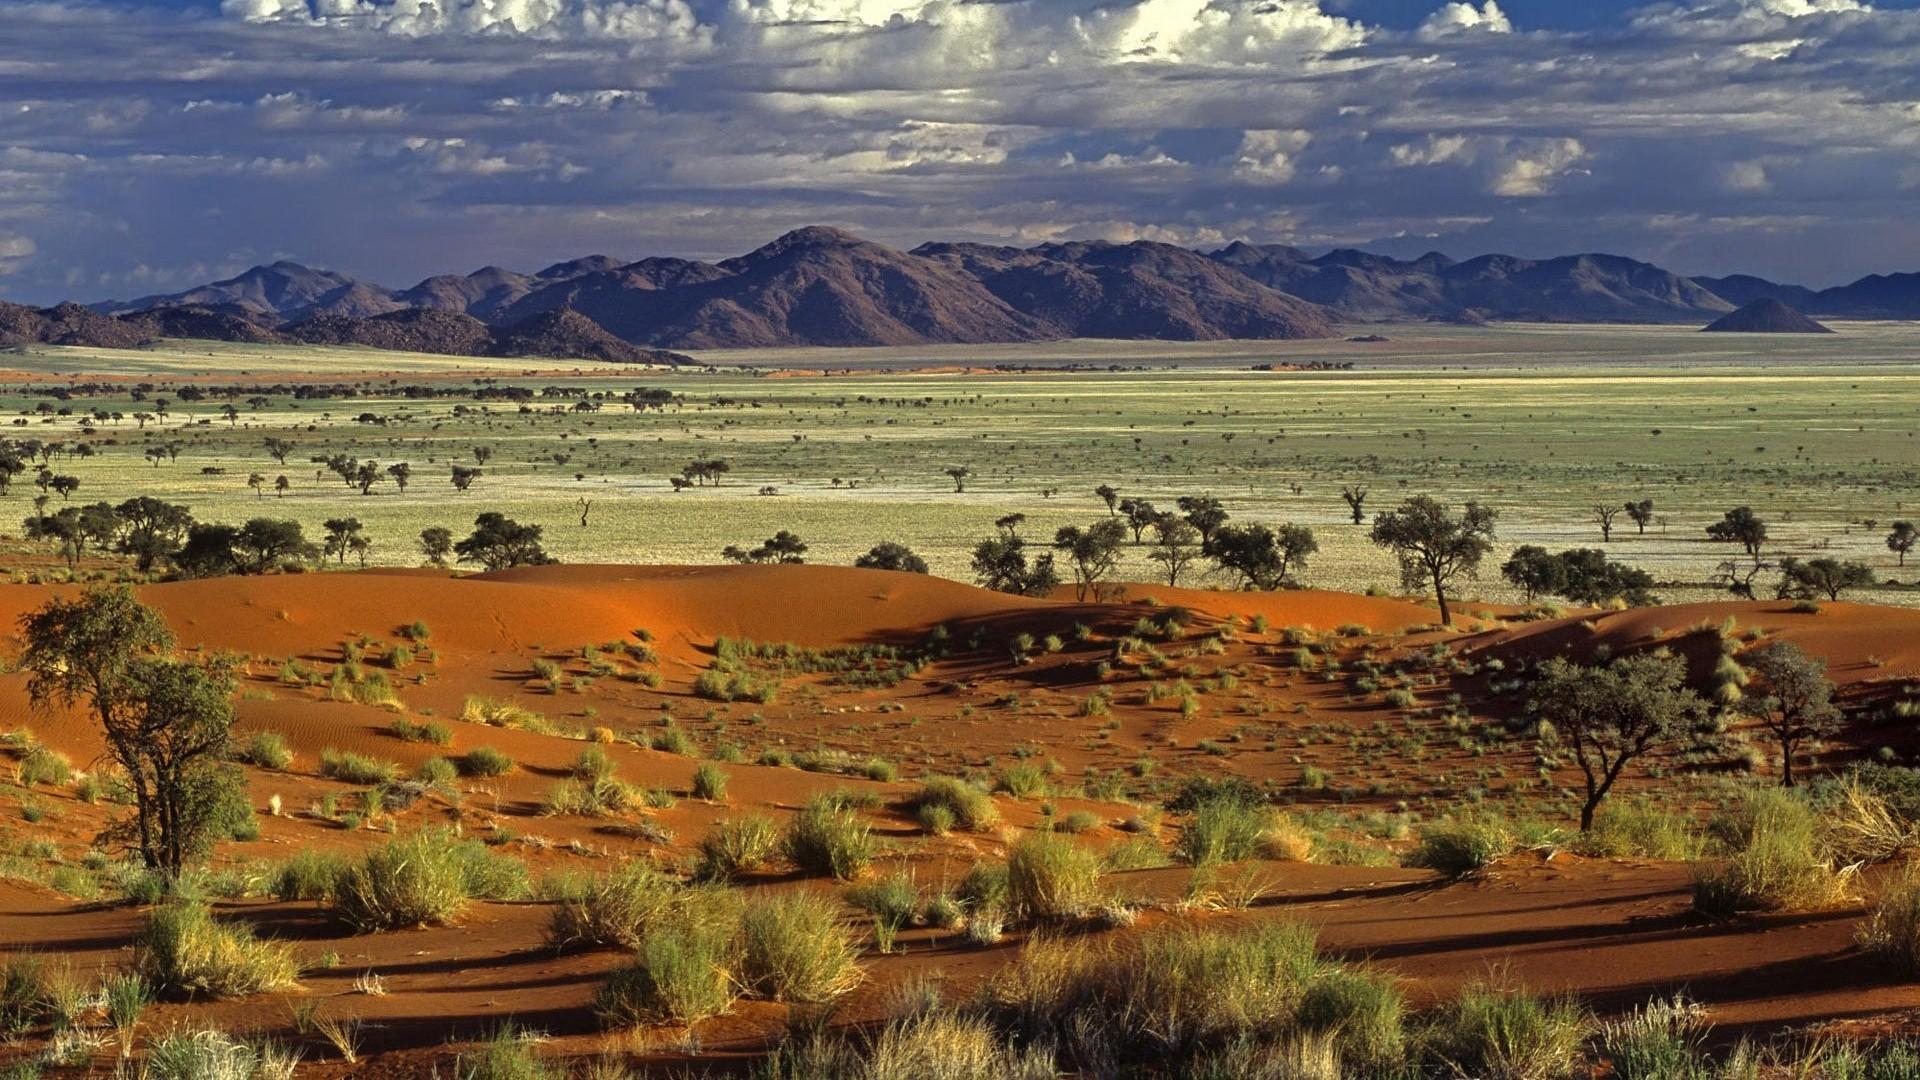 Africa HD Wallpaper